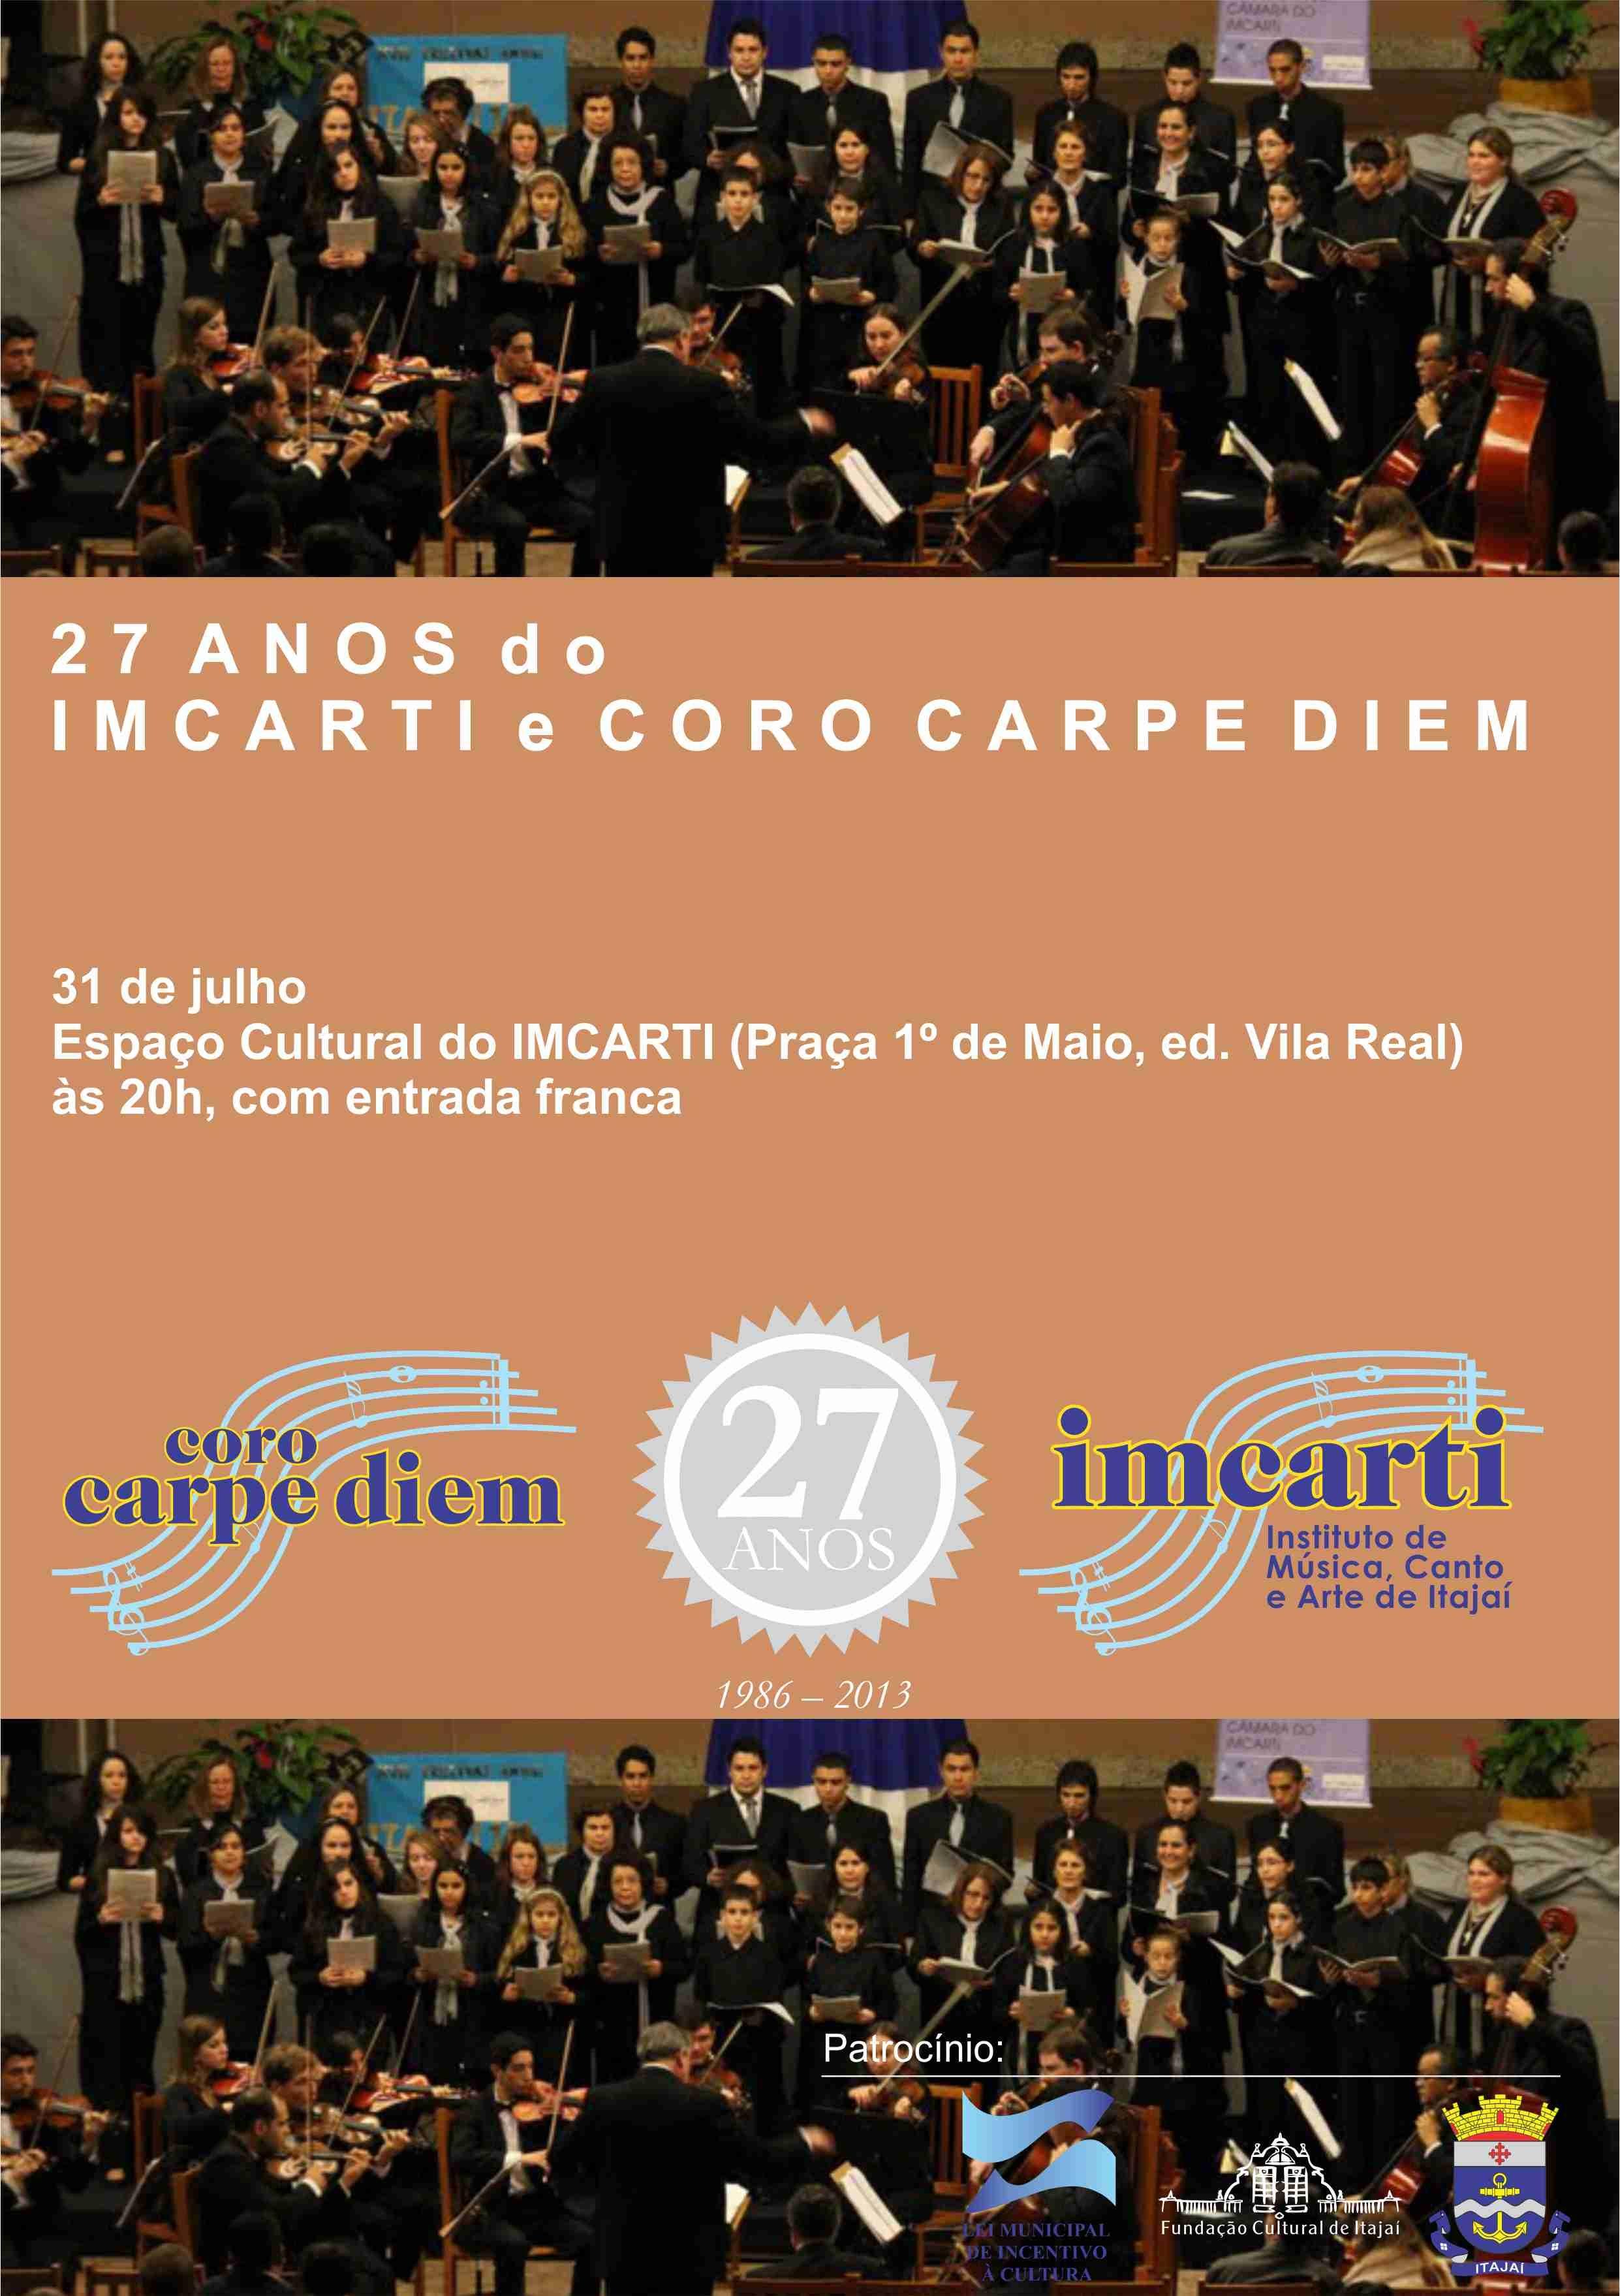 CARTAZ DE ANIVERSÁRIO IMCARTI E CORO 2013